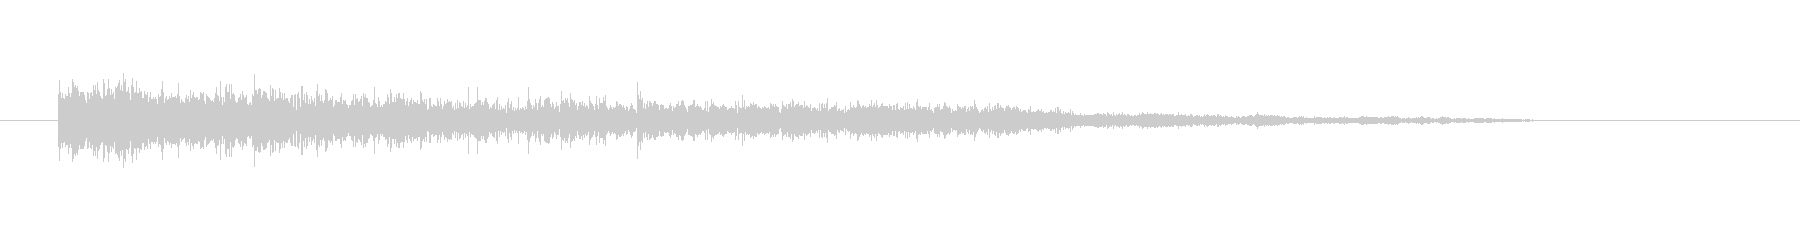 【モンスター01-5】の未再生の波形